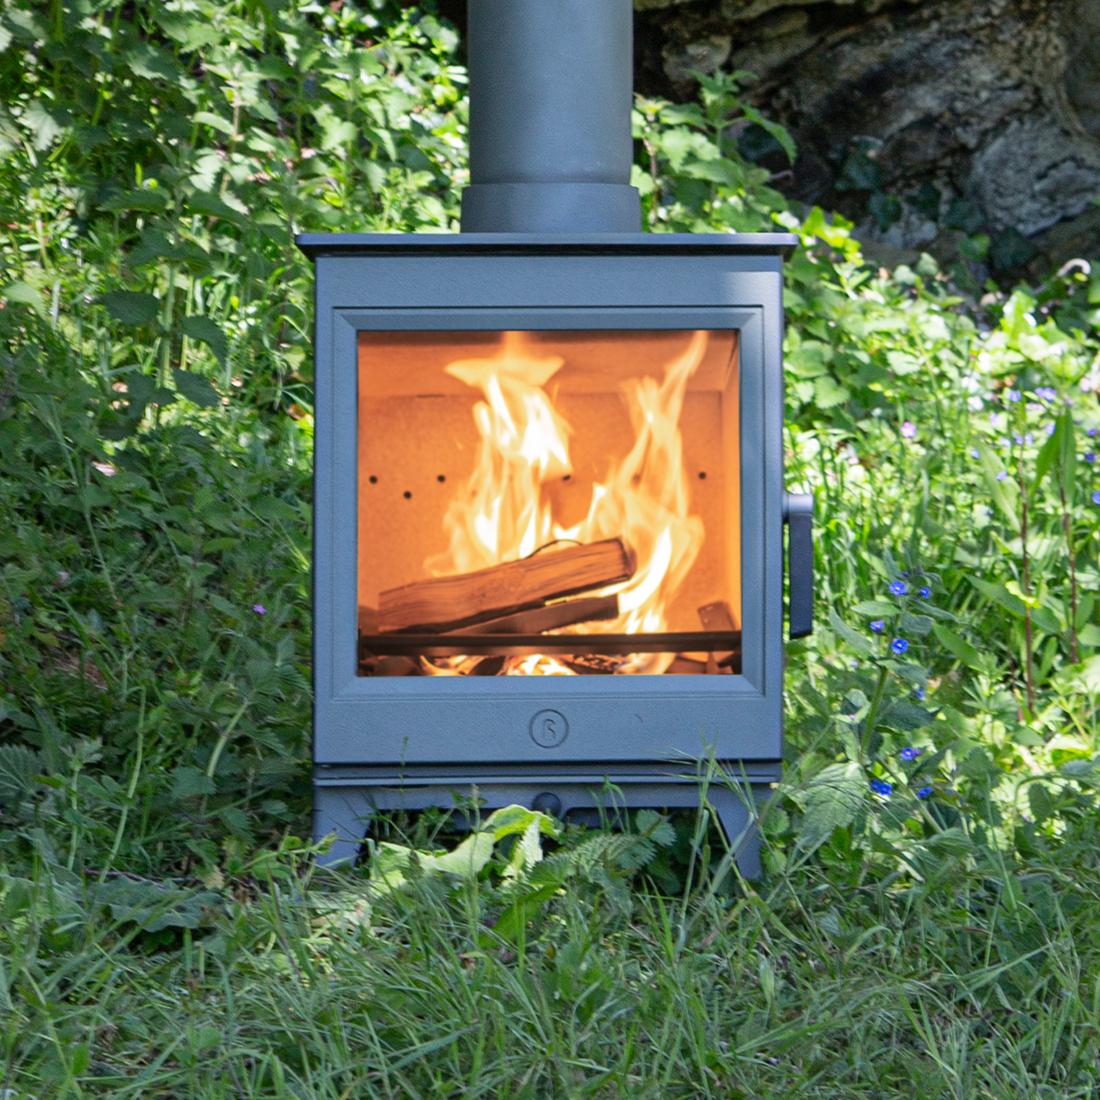 Charnwood Cranmore 5 Ecodesign Ready Woodburning Stove